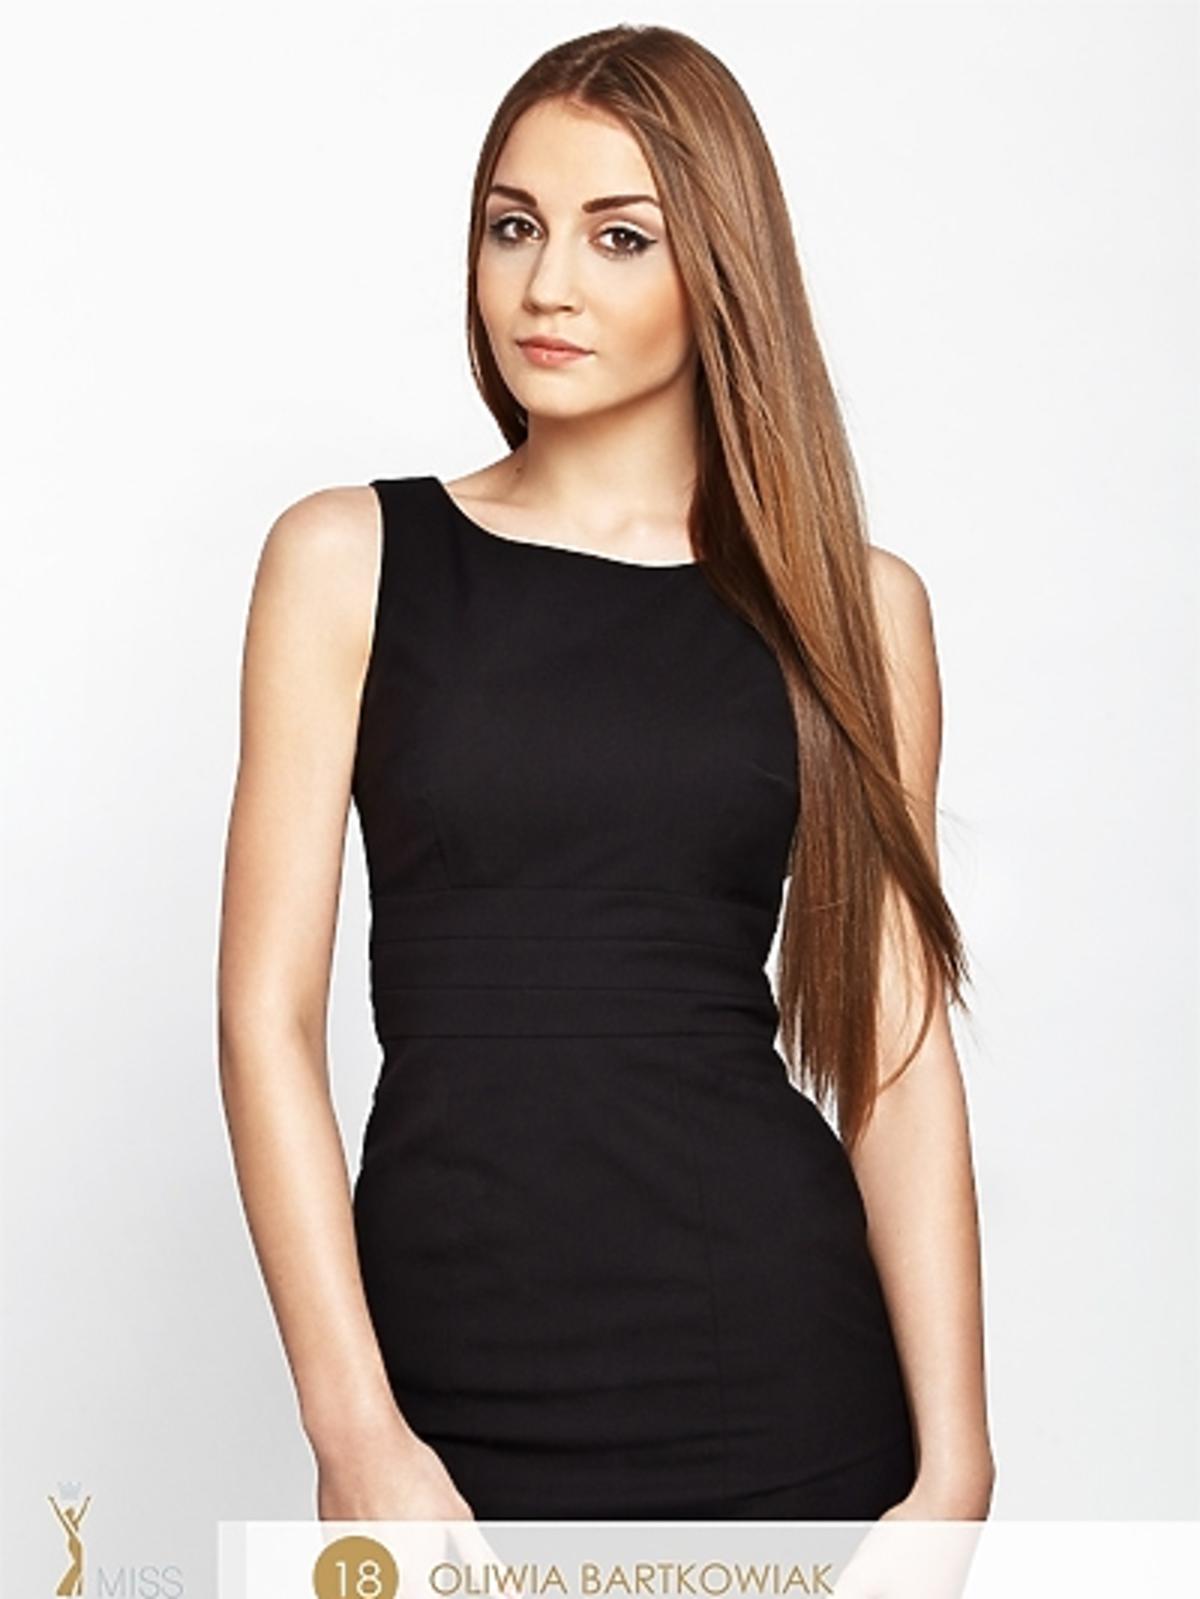 Olivia Bartkowiak - kandydatka do tytułu Miss Polonia 2012